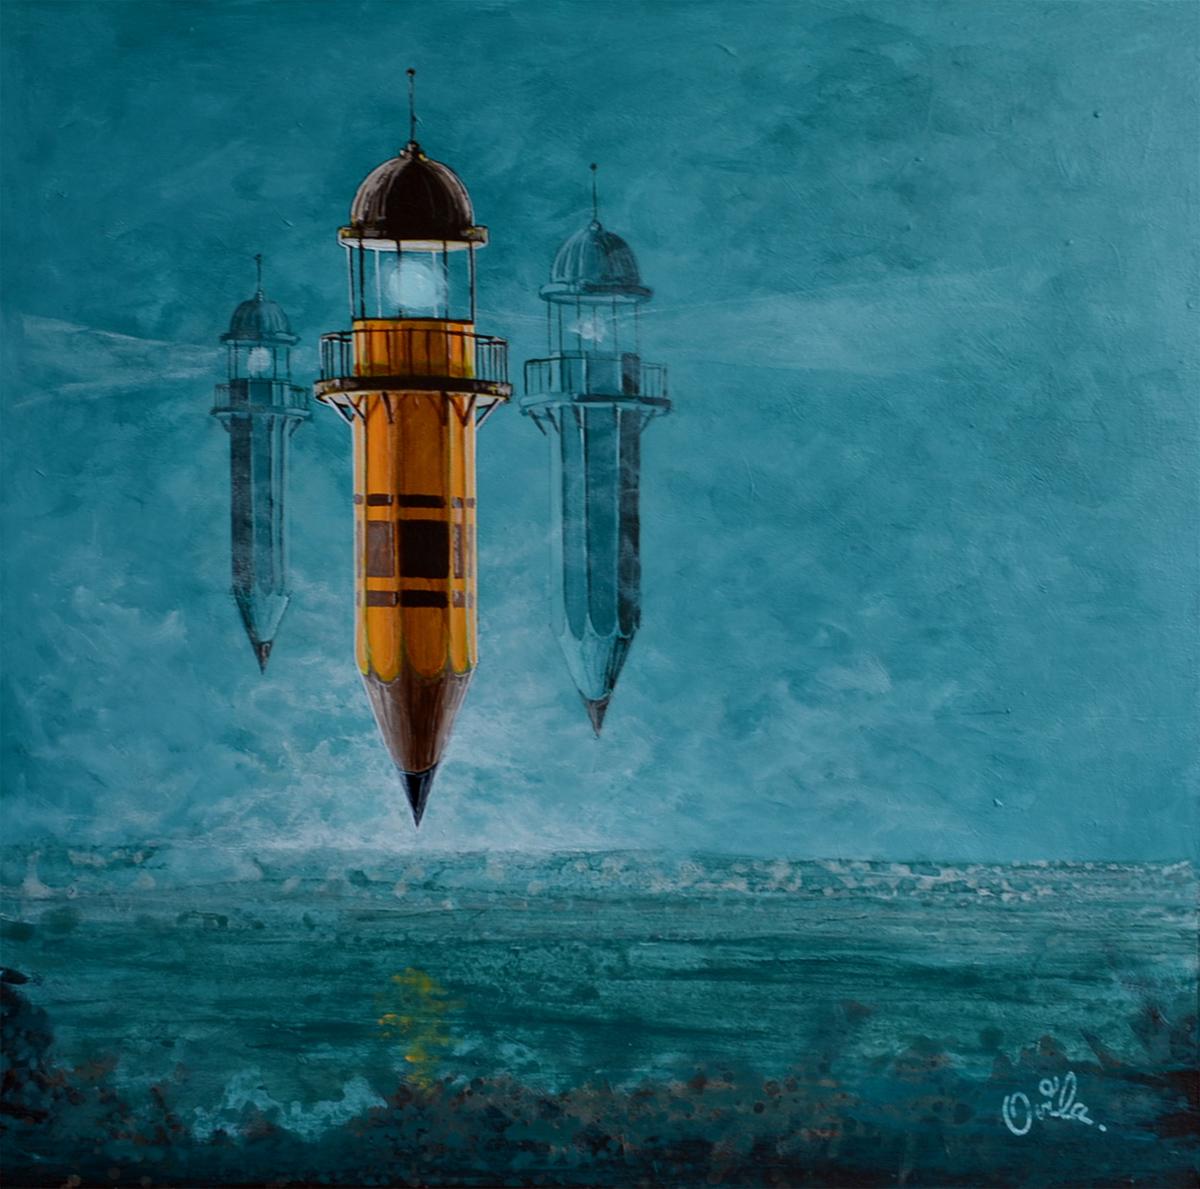 Oeuvre de l'artiste visuel Ovila